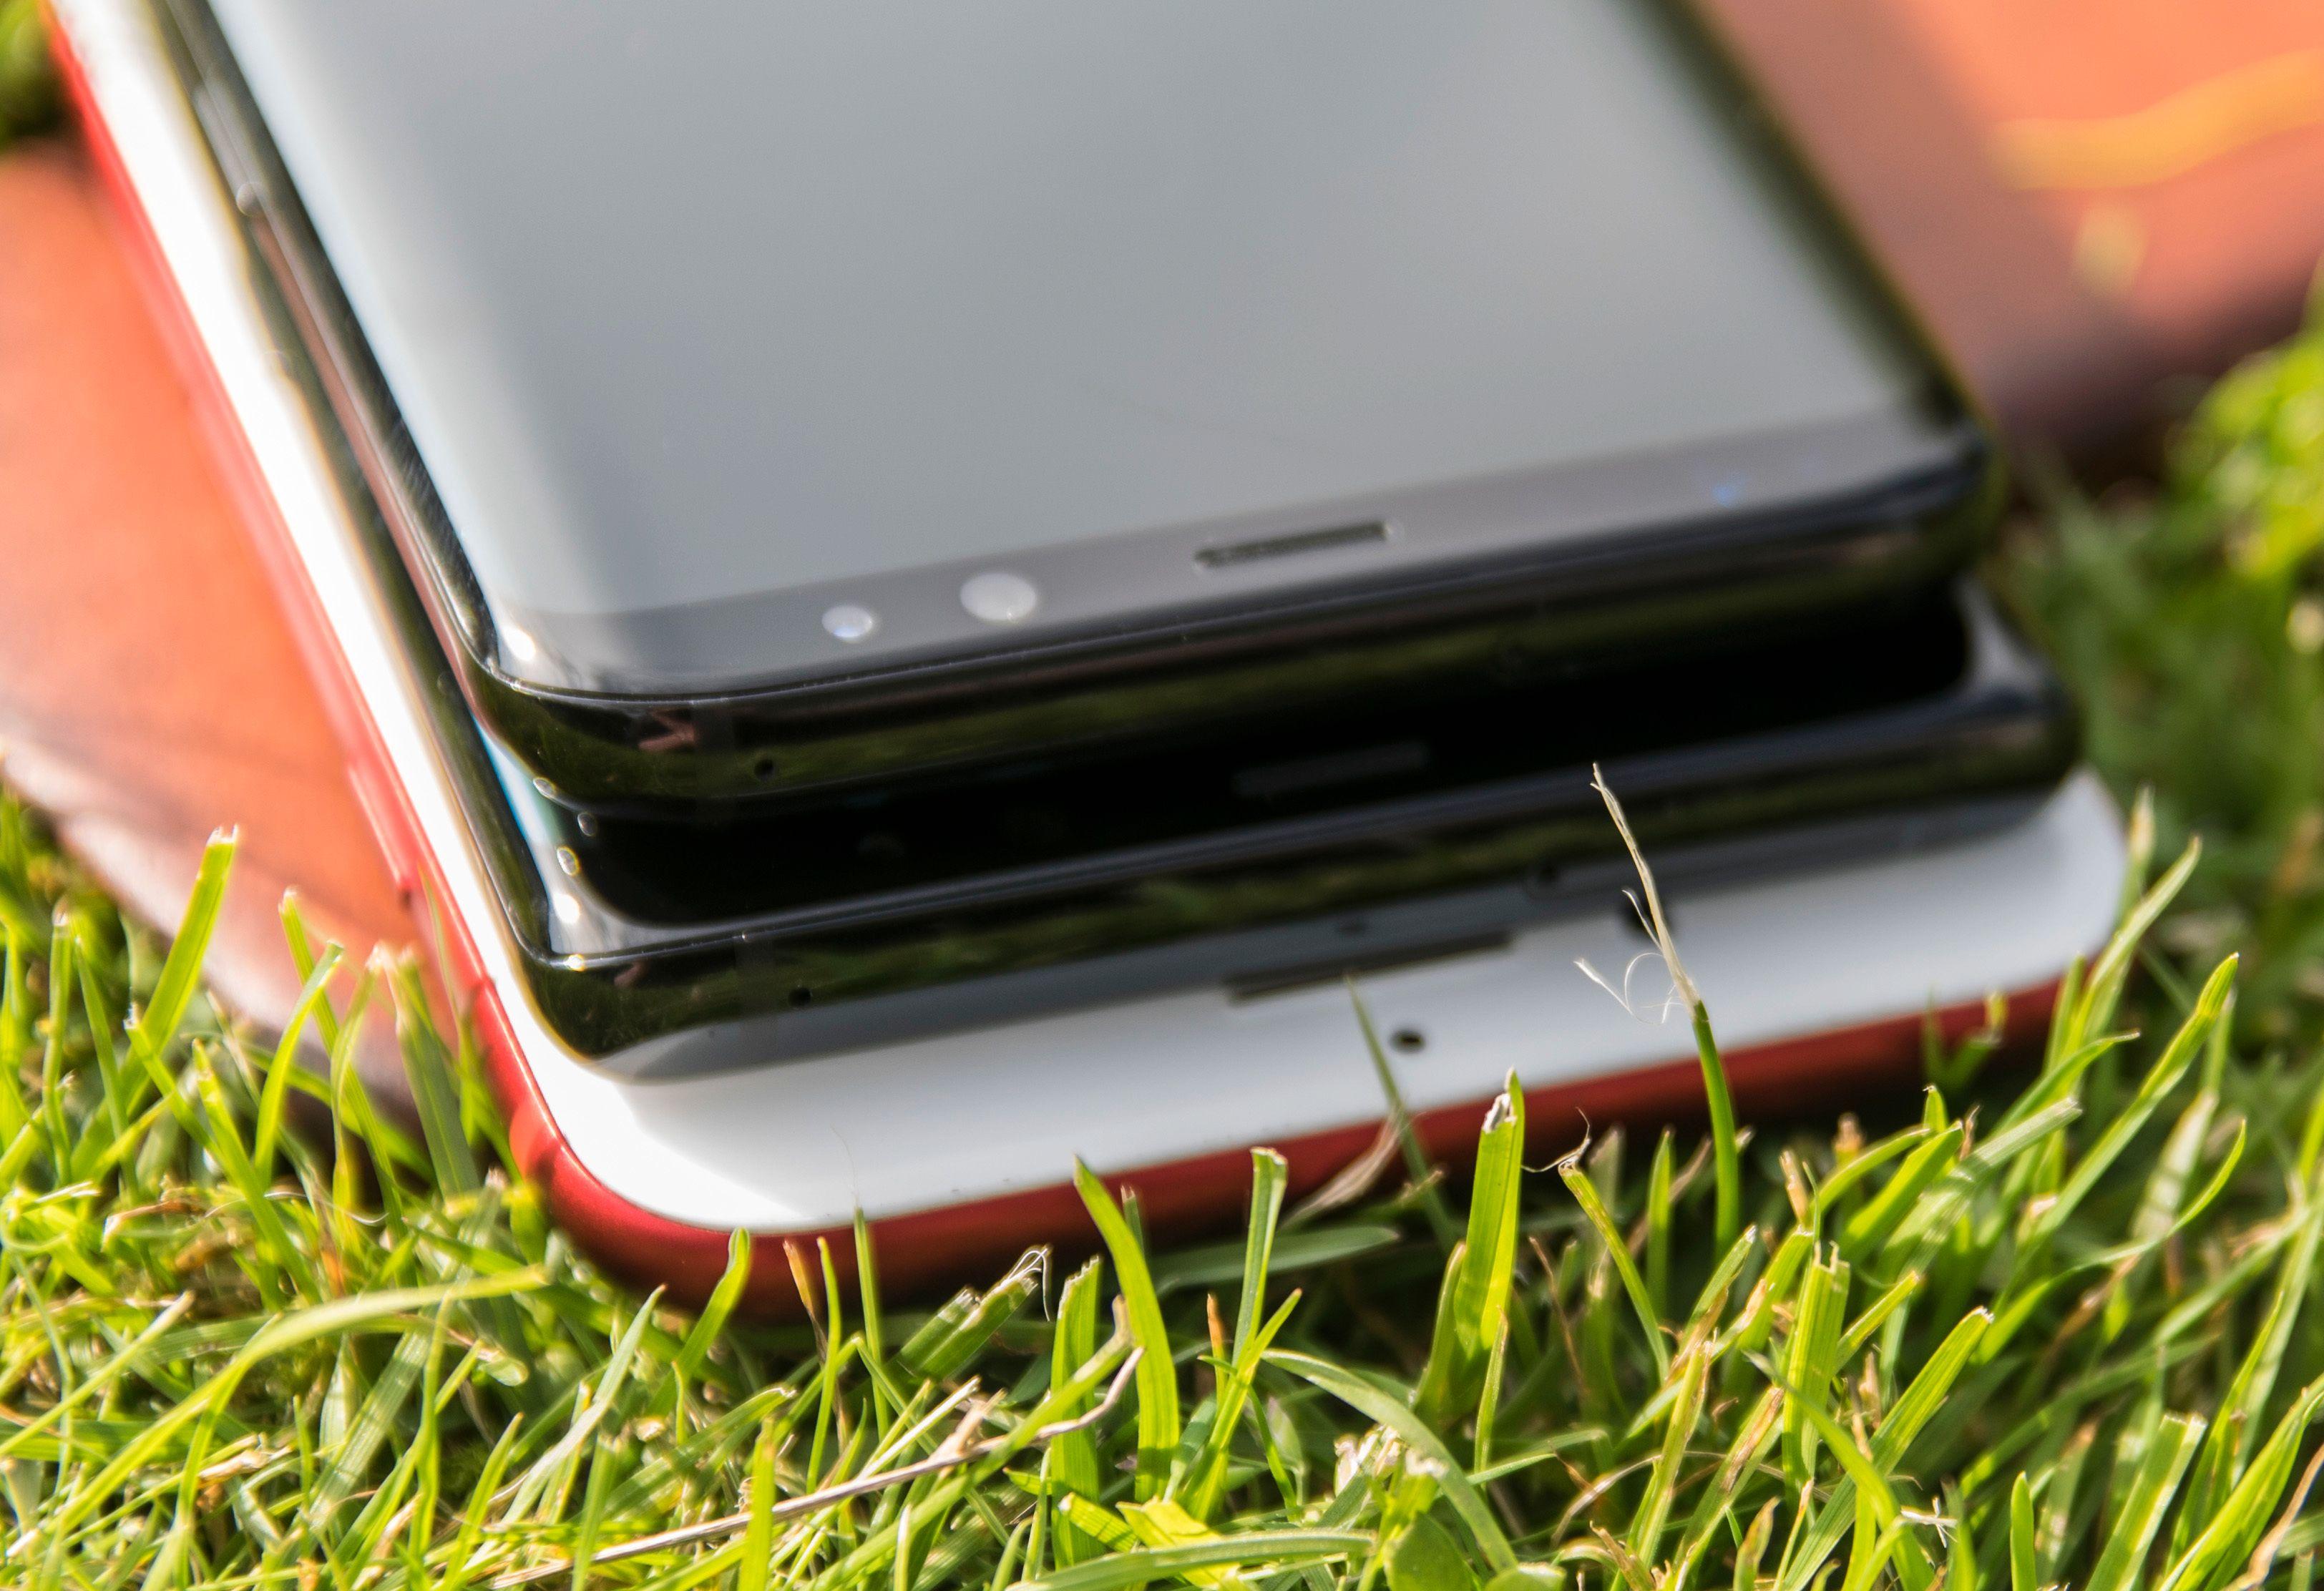 Bred last! Forskjellene i bredde mellom iPhone 7 Plus, Note 8 og Galaxy S8+ er relativt små. Alle blir i praksis tohåndsmobiler for mange.